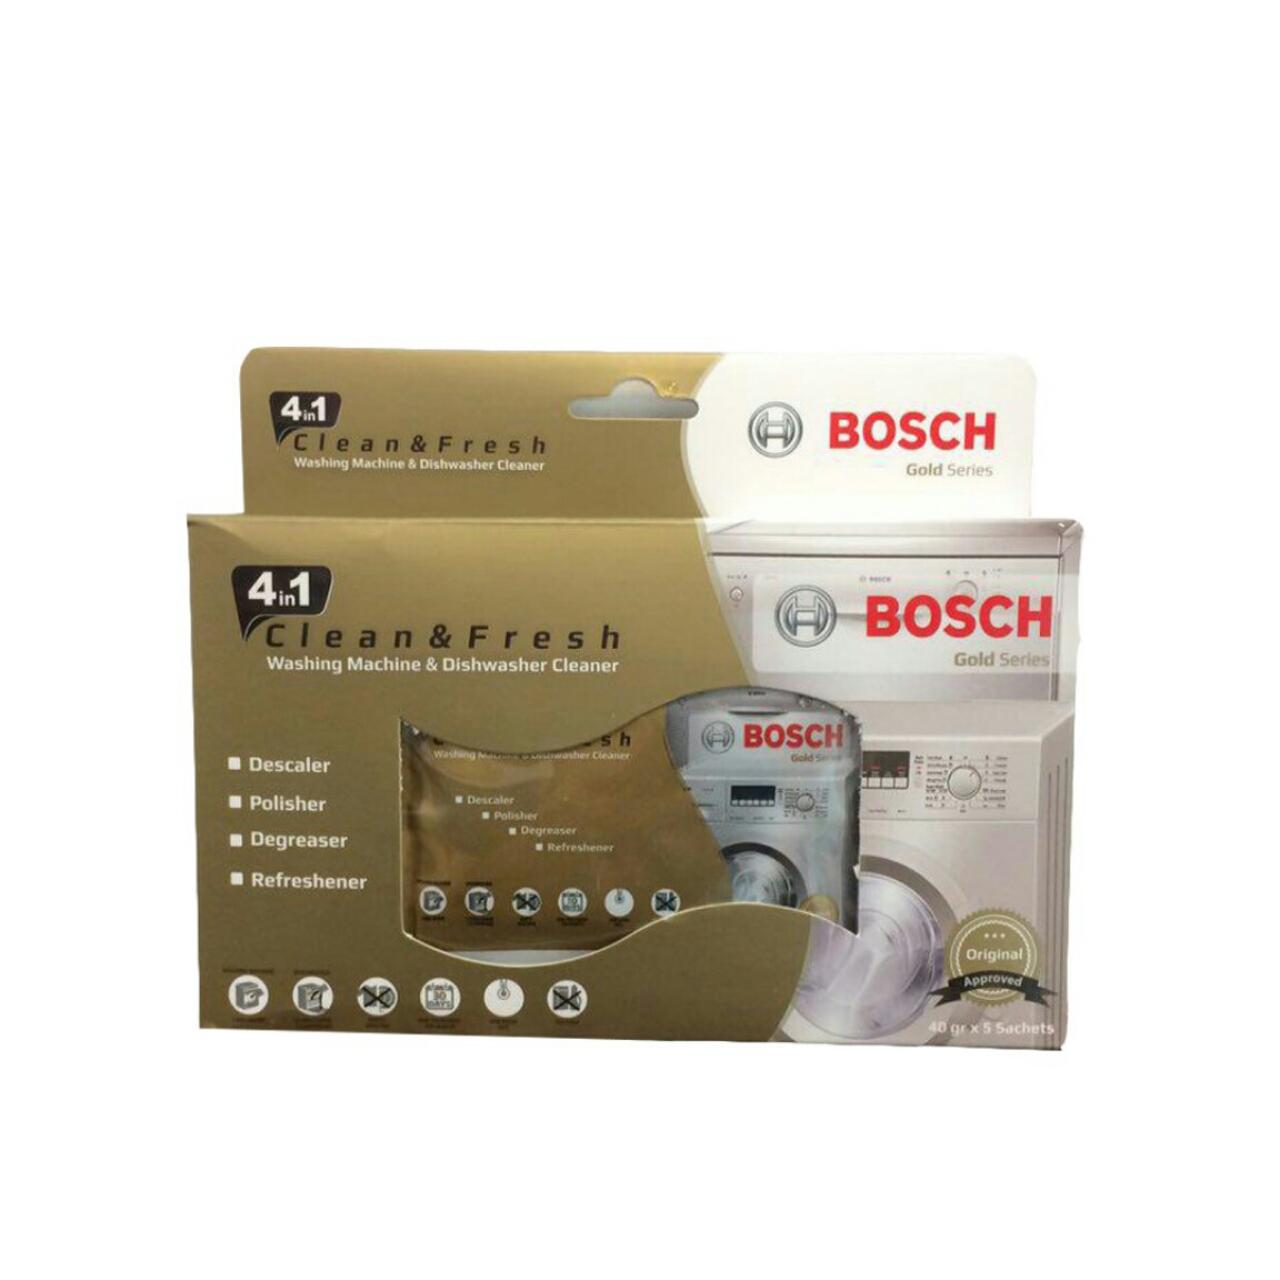 پودر جرم گیر ماشین لباسشویی و ظرفشویی بوش Bosch مدل GOLD بسته 5 عددی